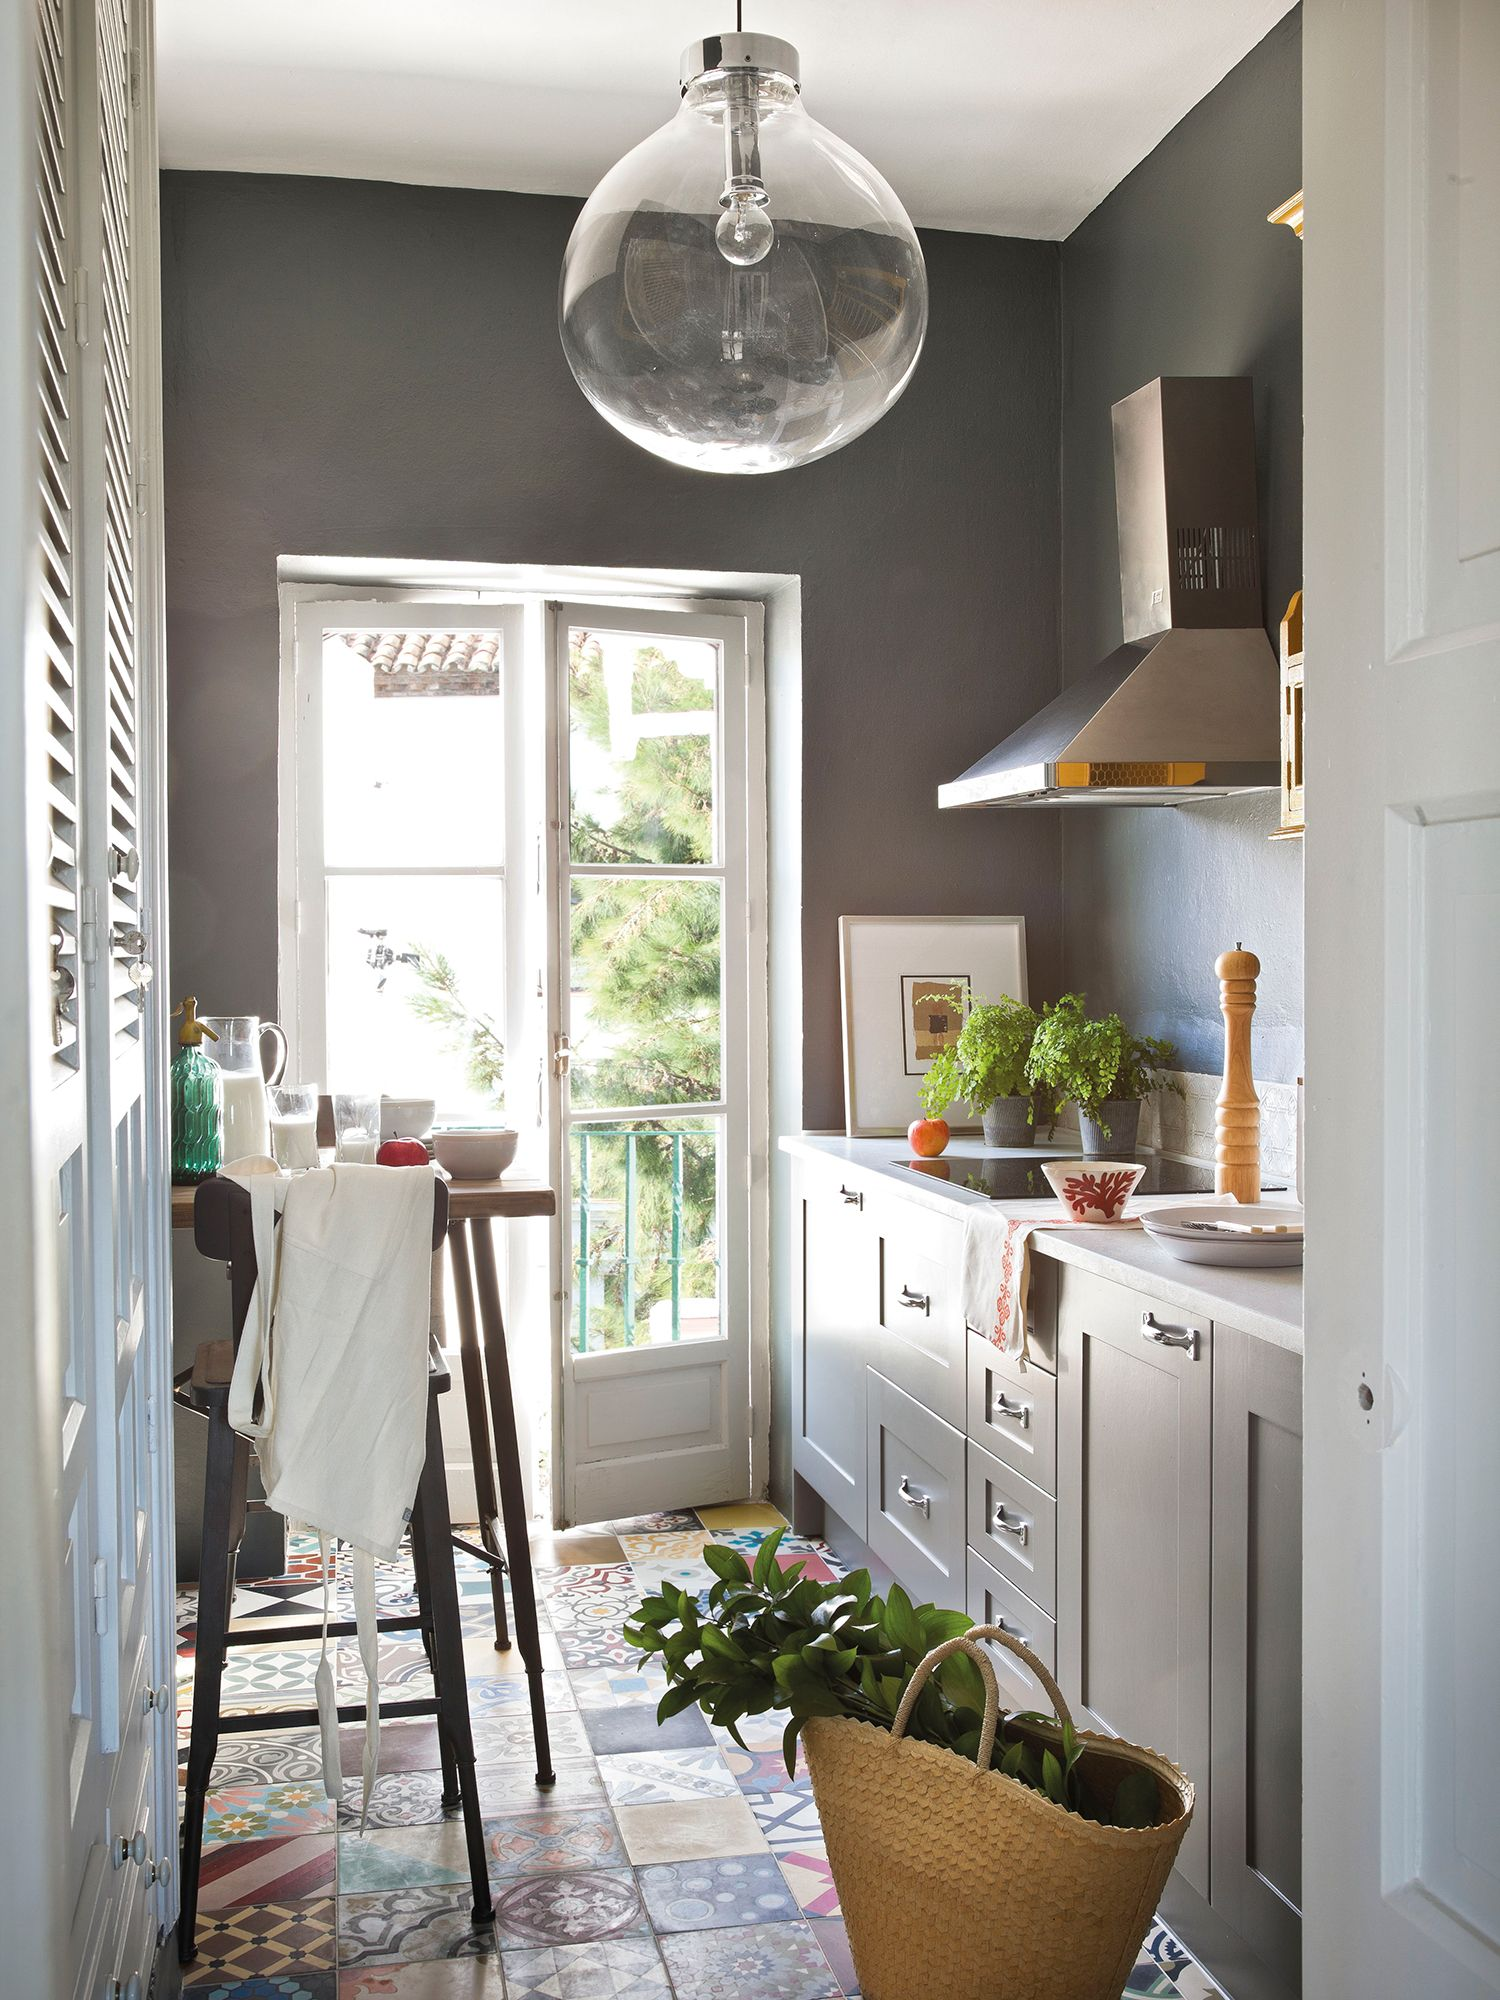 Cocina pequeña con paredes y muebles en gris intenso y suelo de ...